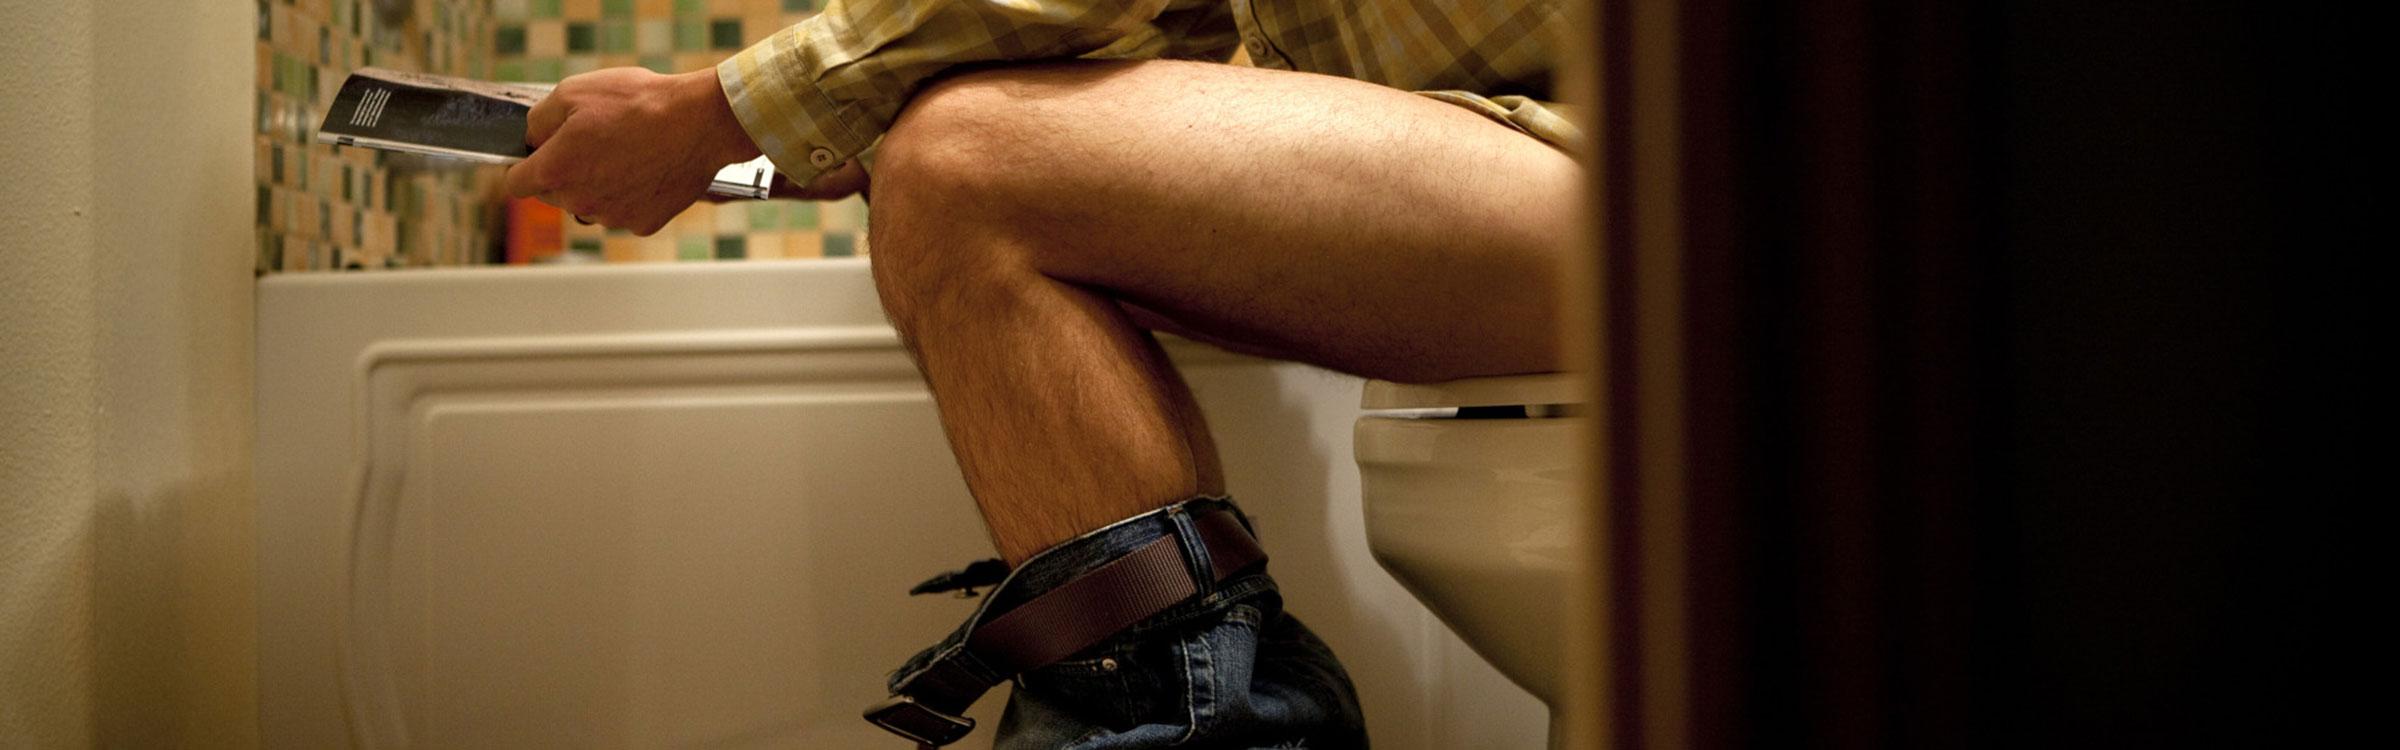 Toilet algemeen